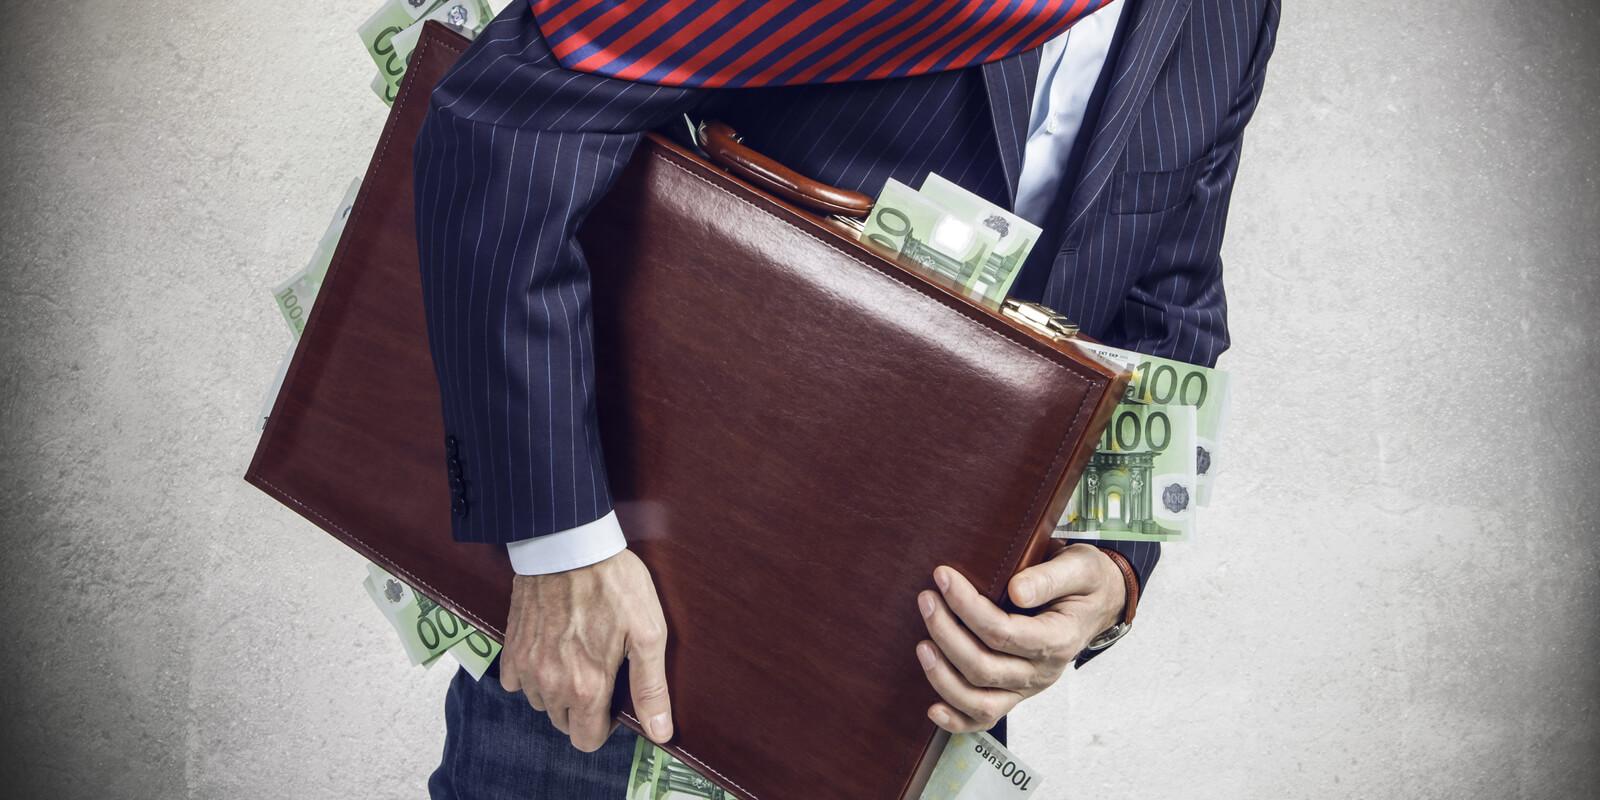 Blanchit-t-on plus d'argent en crypto-monnaie qu'en monnaie fiat ?